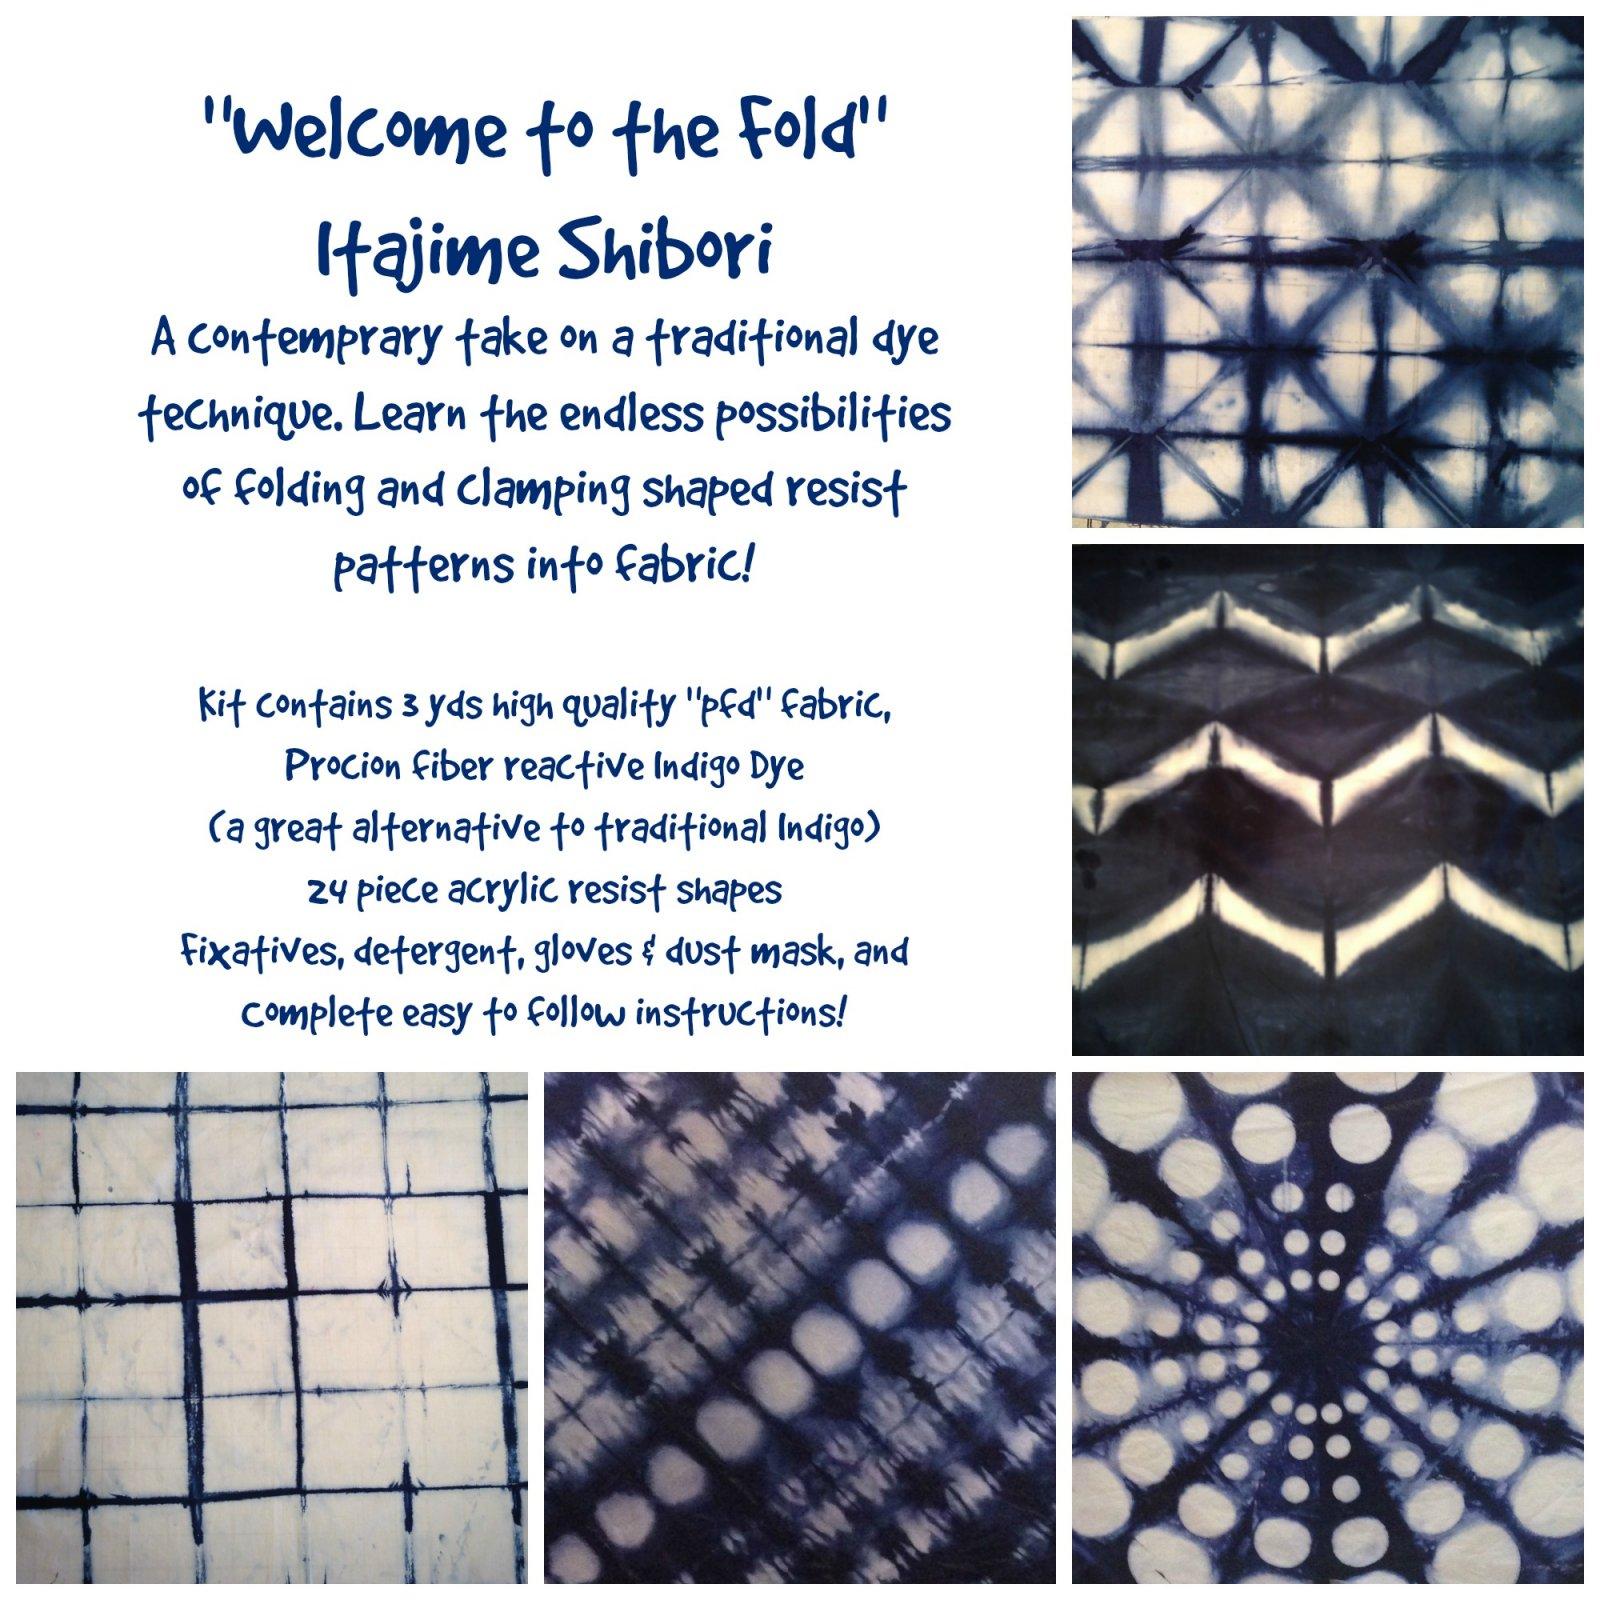 Welcome to the Fold - Exploring Itajime Shibori